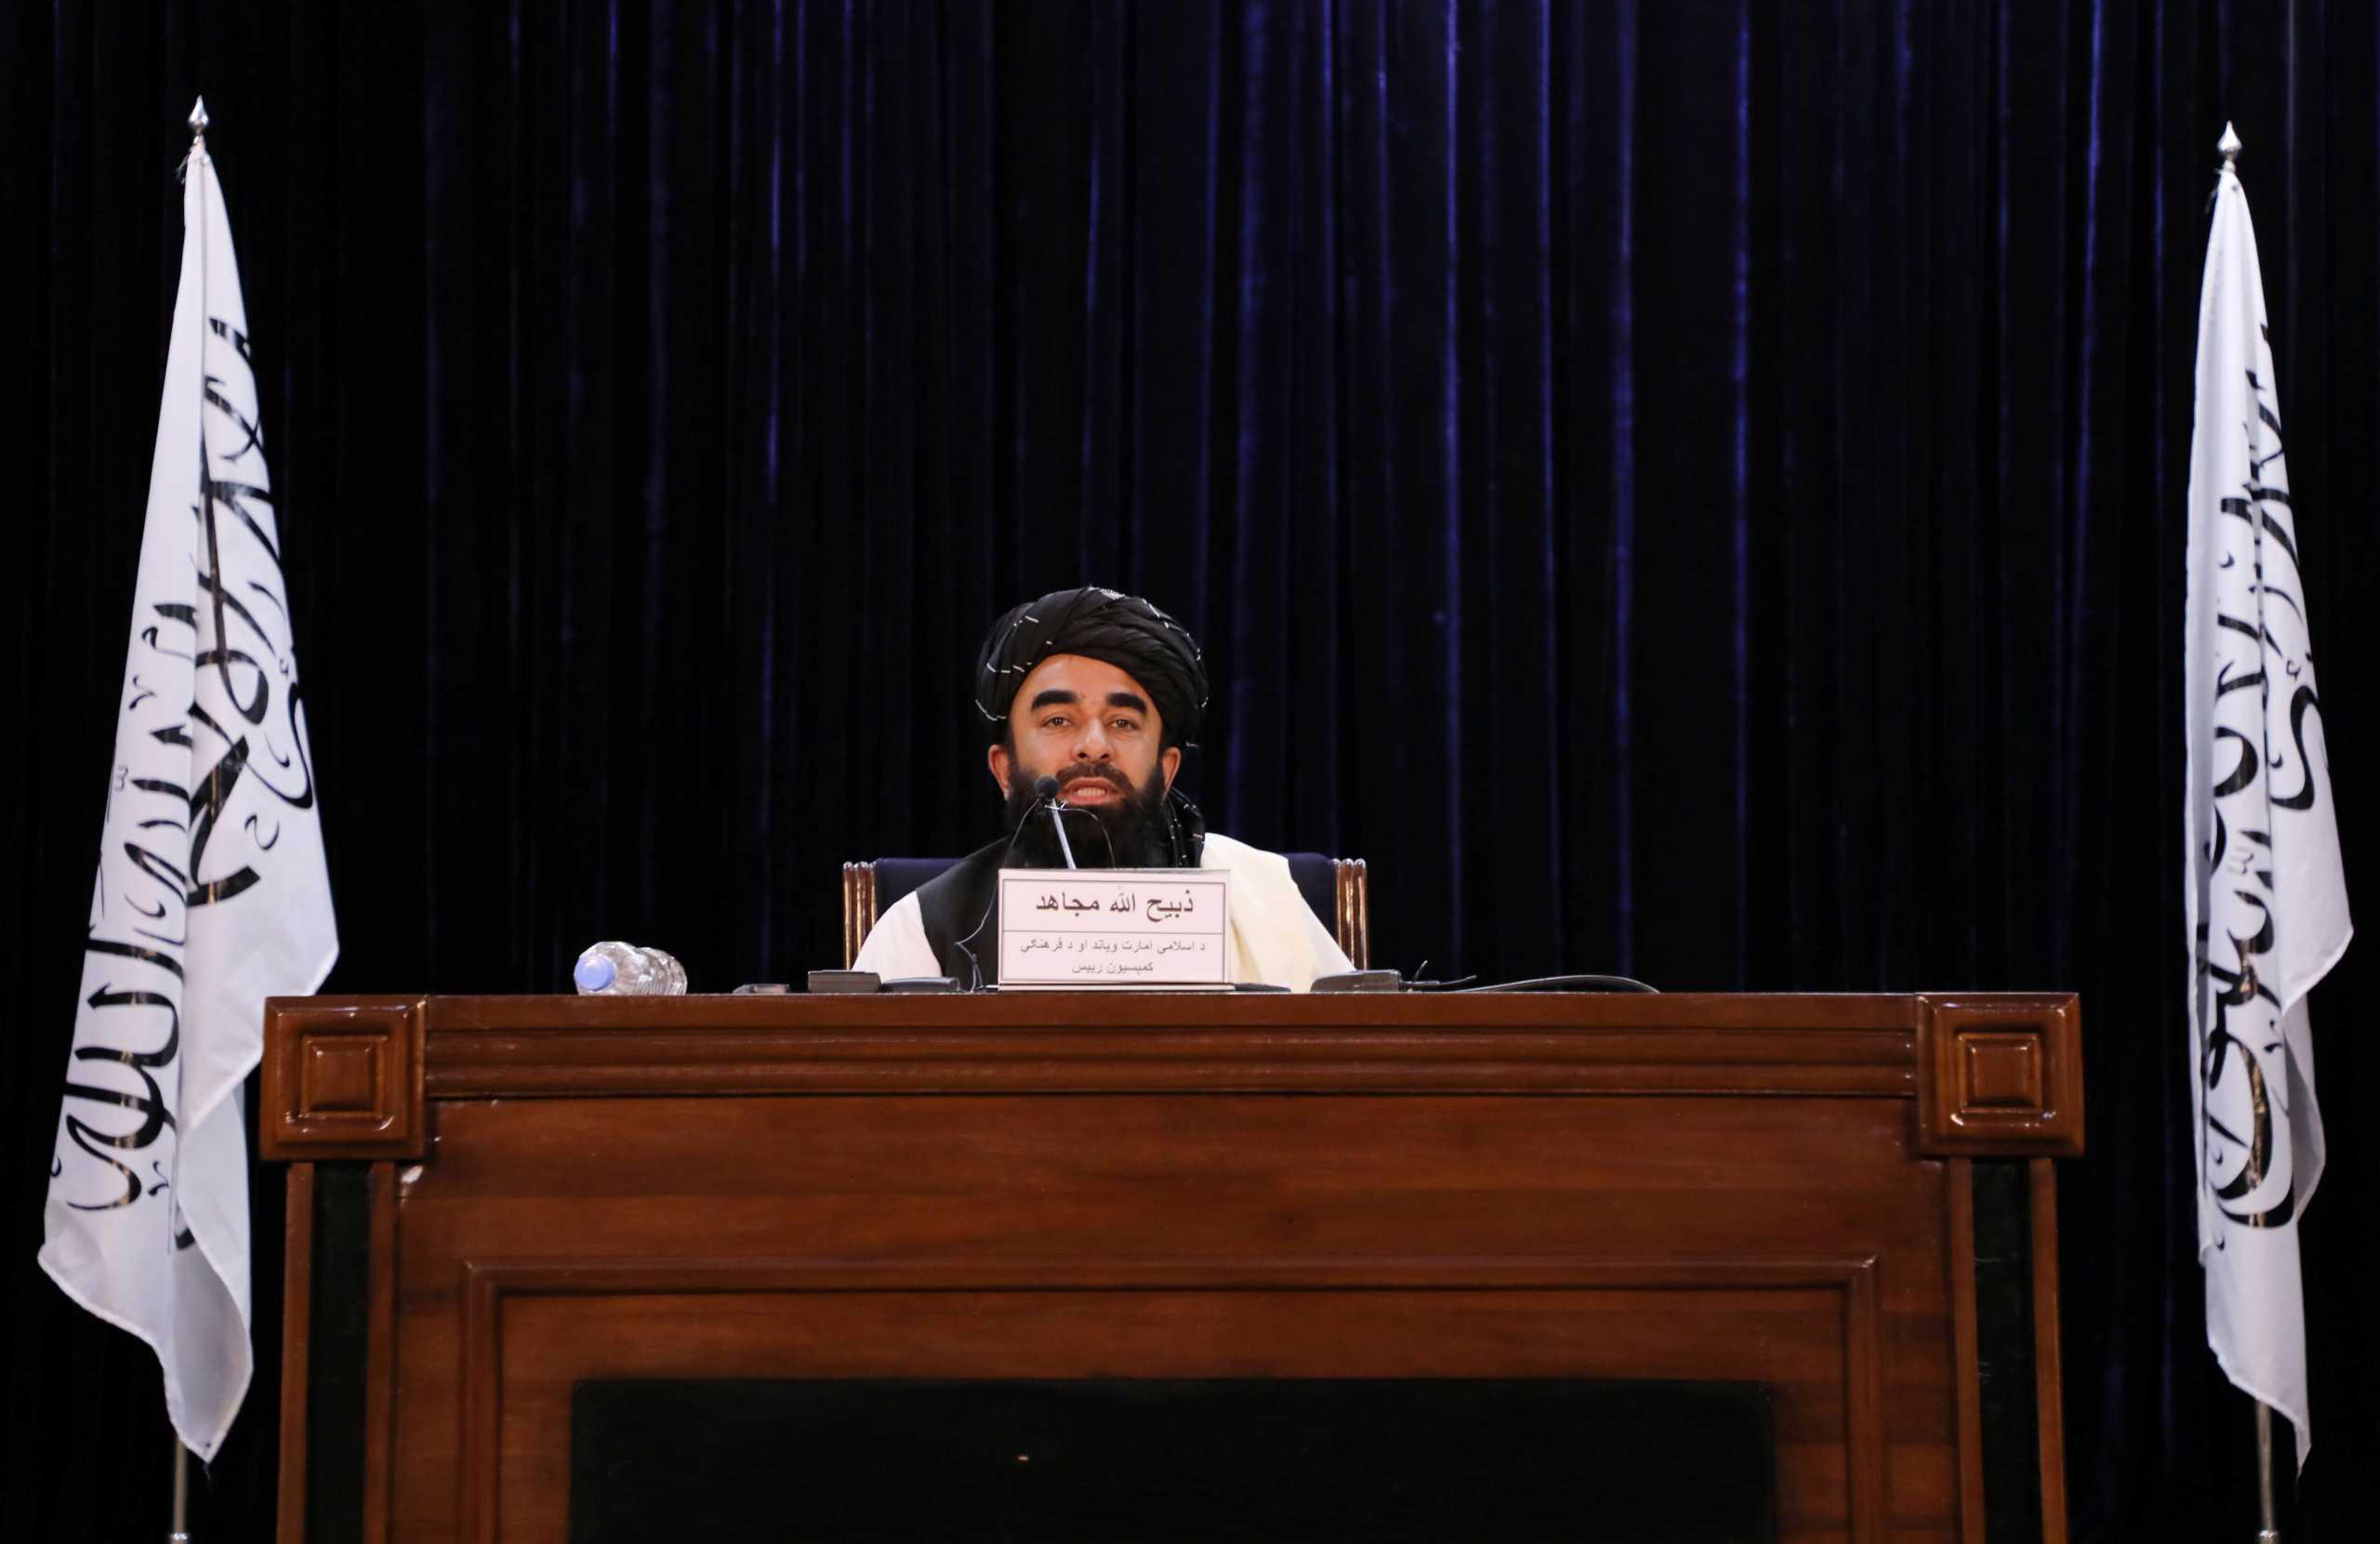 Αφγανιστάν: Οι Ταλιμπάν ανακοίνωσαν την πρώτη κυβέρνηση – Μουλάς ο επικεφαλής, καταζητούμενος ο Υπουργός Εσωτερικών